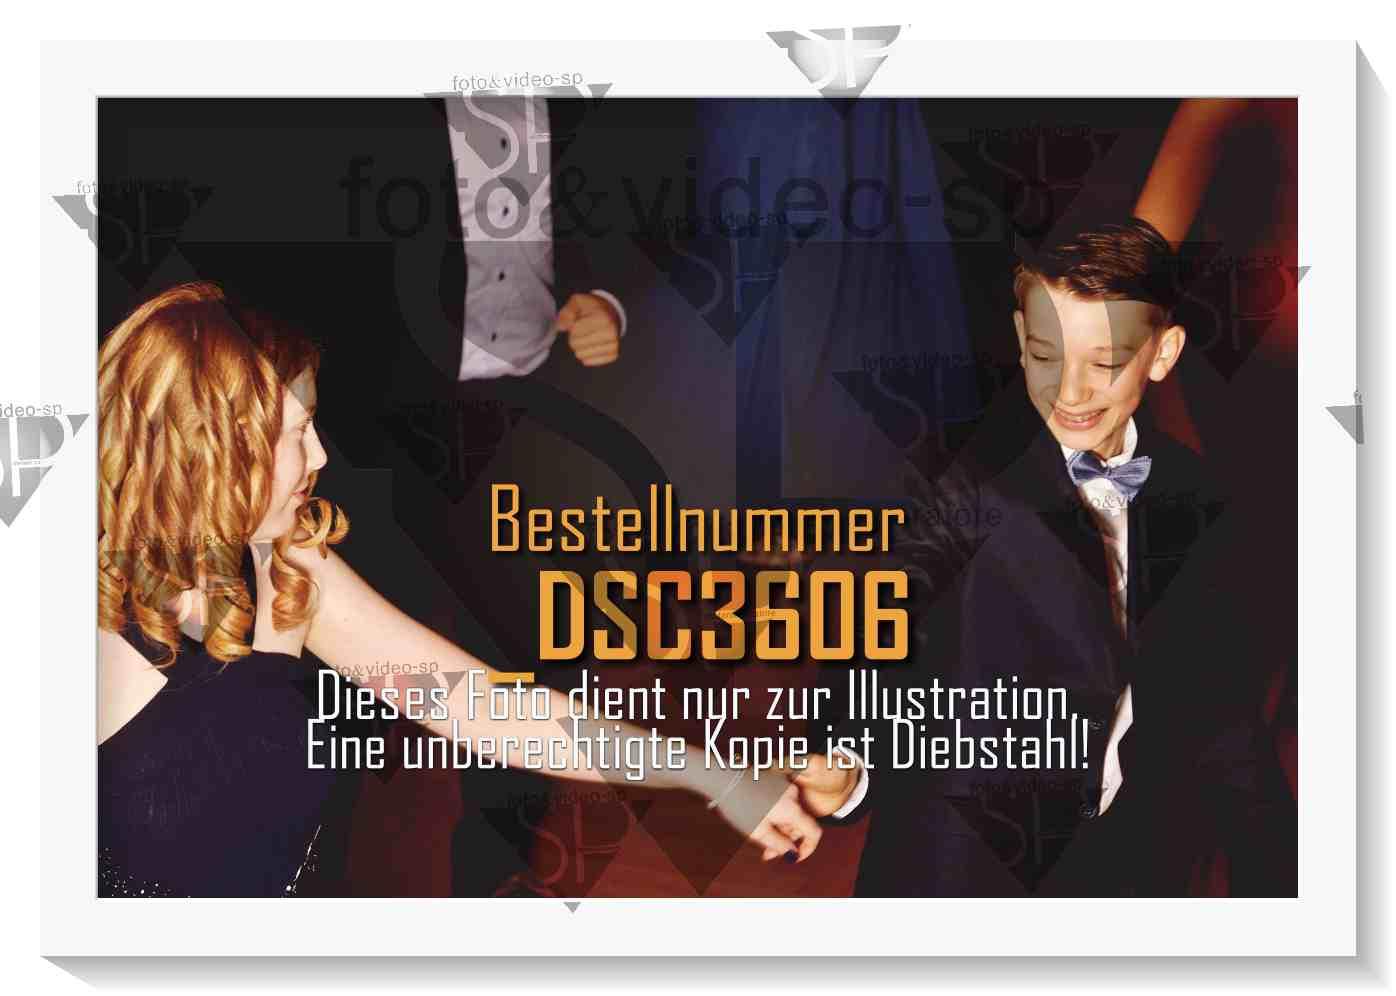 DSC3606